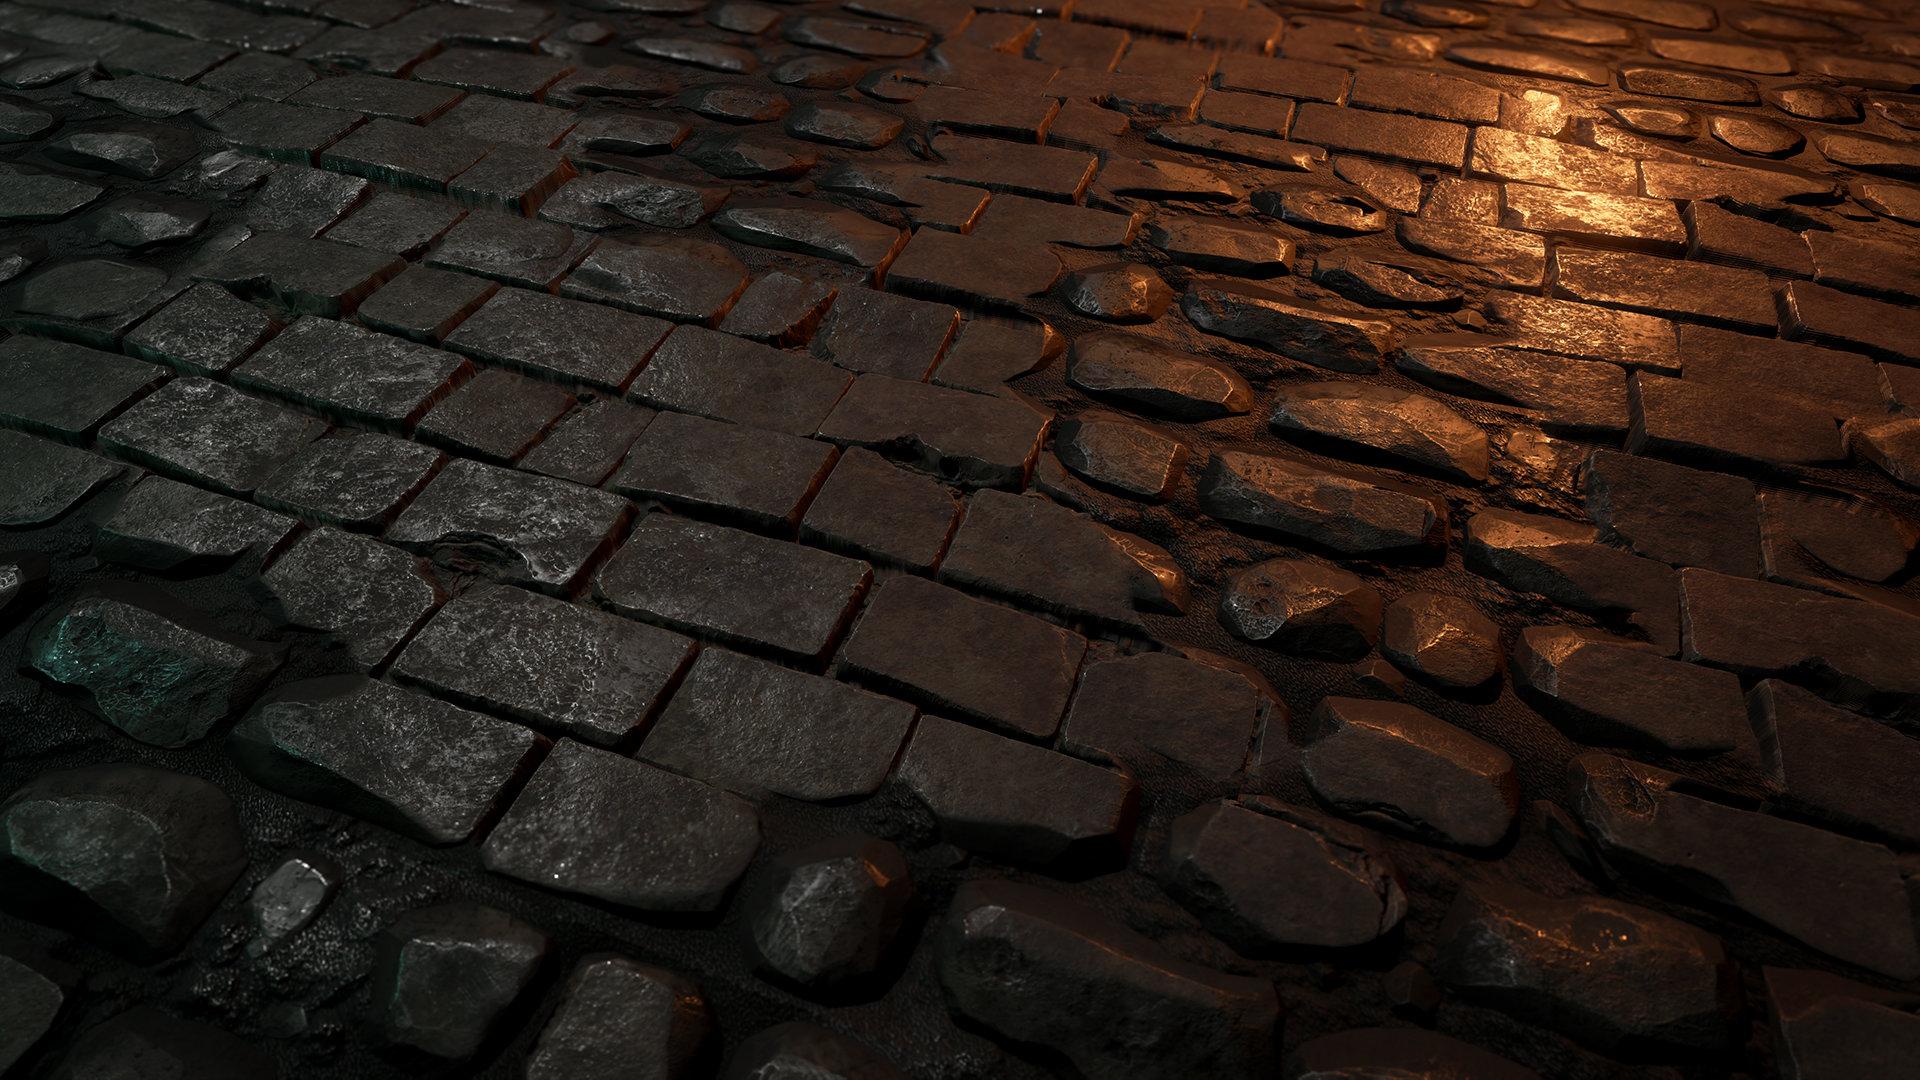 Martin teichmann stones 01